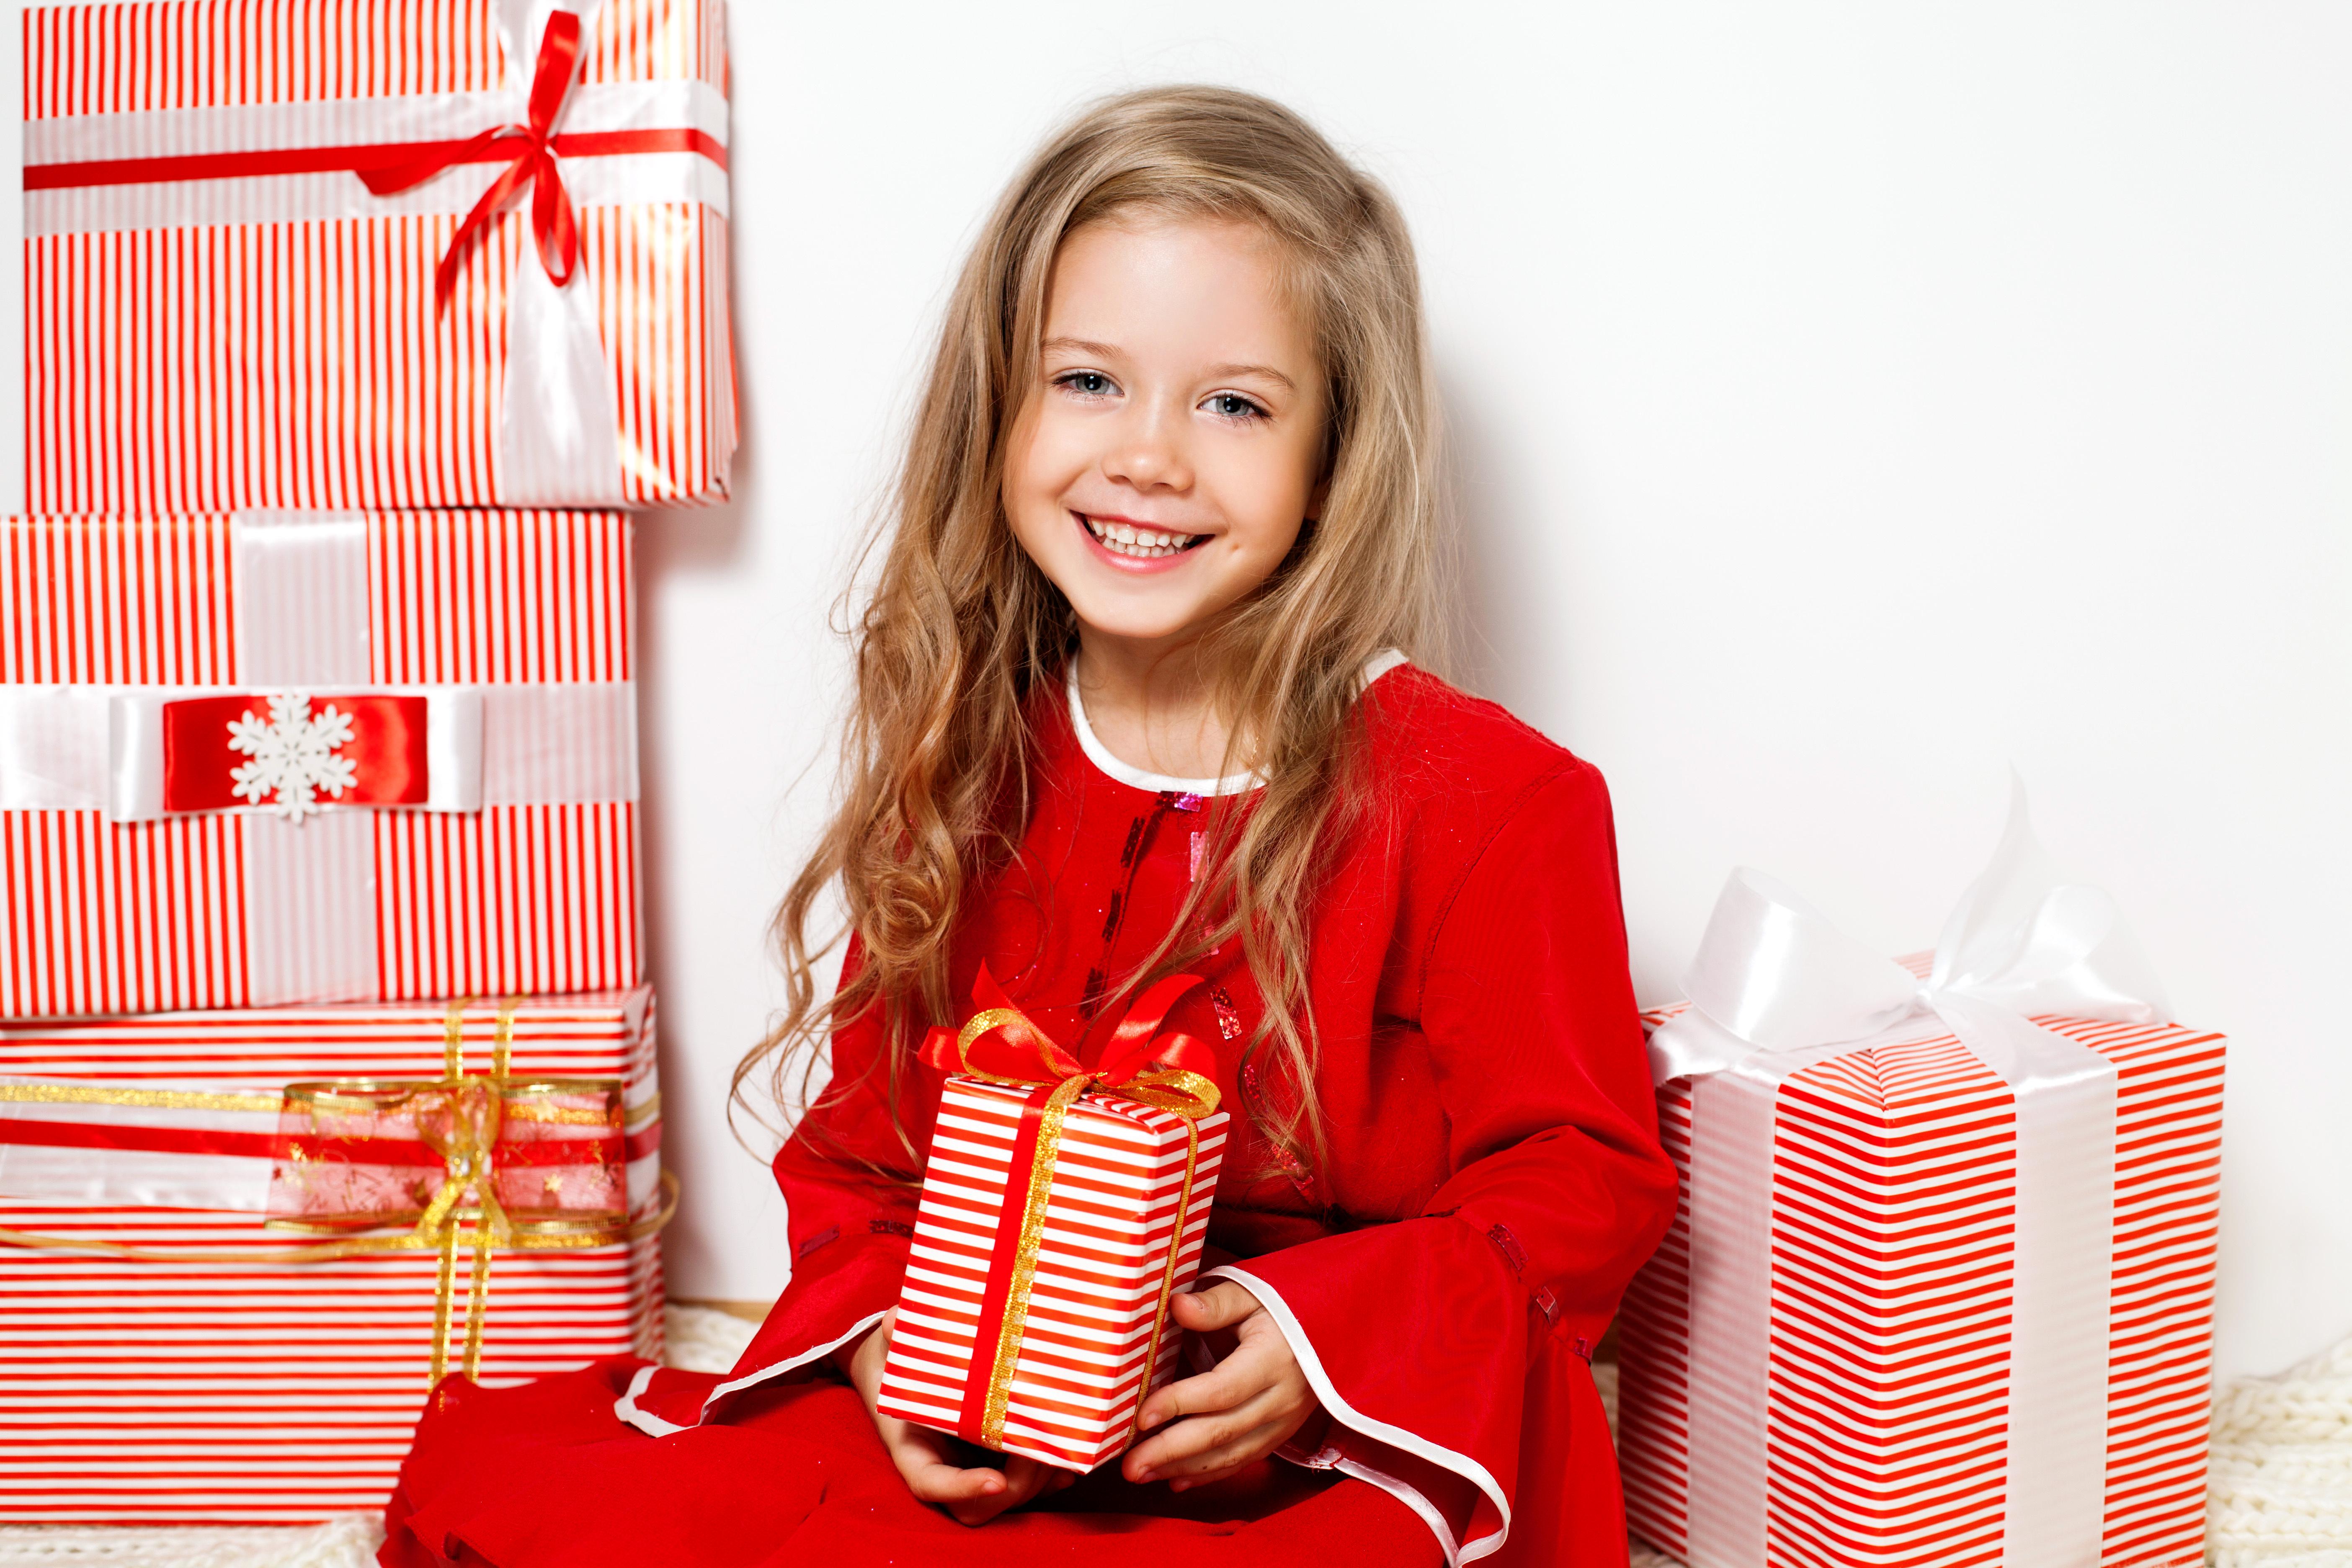 Картинки детям дарят подарок